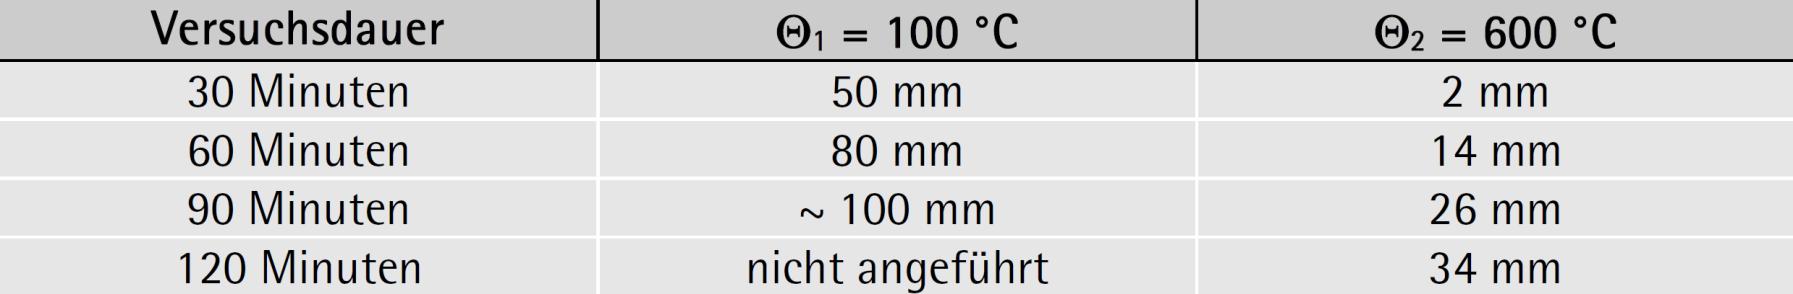 Temperatureindringung bei Ziegelmauerwerk mit Trockenrohdichte 1000 bis 2000 kg/m3 – ÖNORM EN 1996-1-2